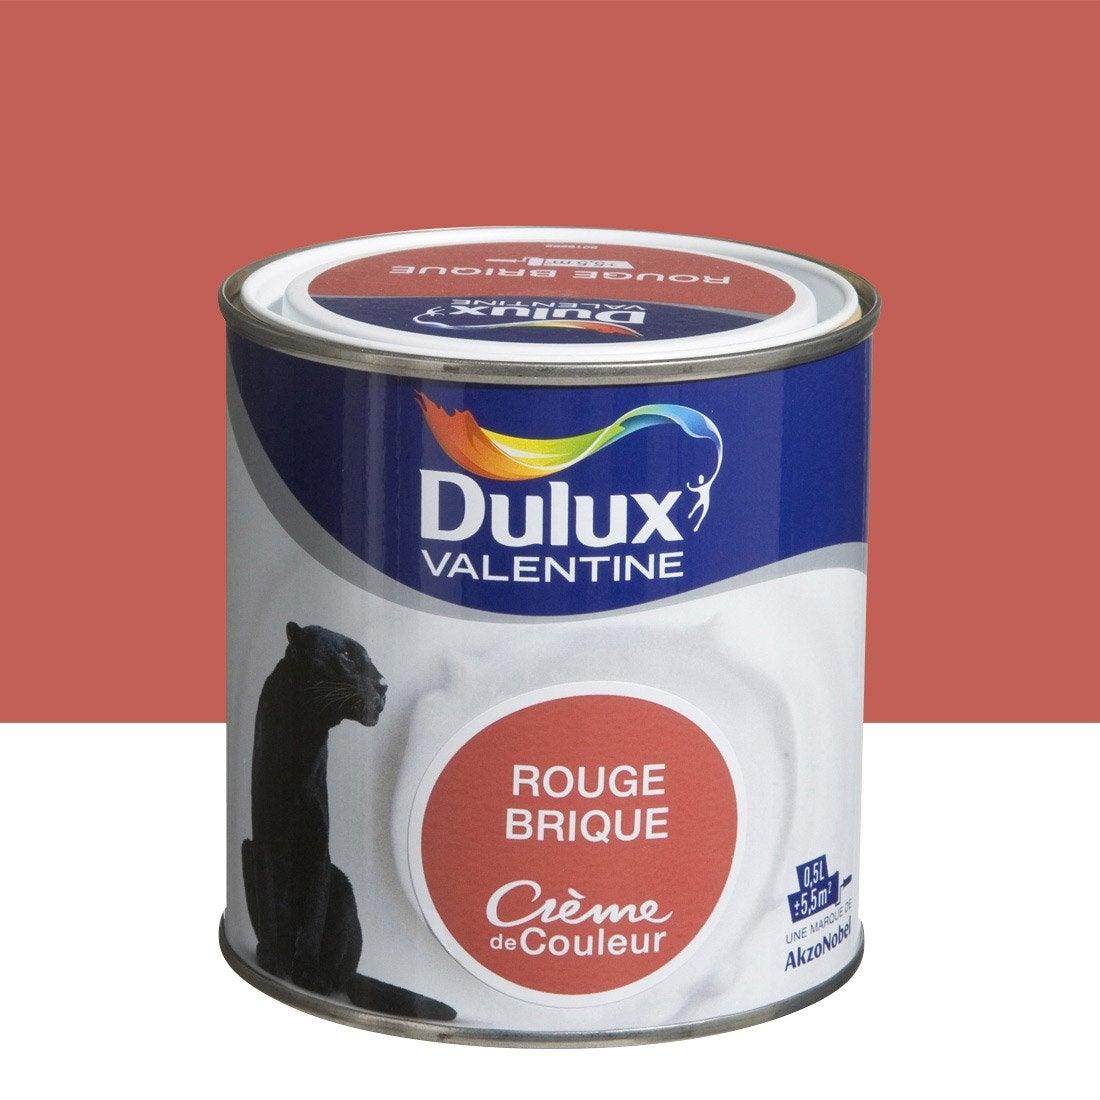 Peinture rouge brique dulux valentine cr me de couleur 0 5 l leroy merlin - Peinture gris rouge ...